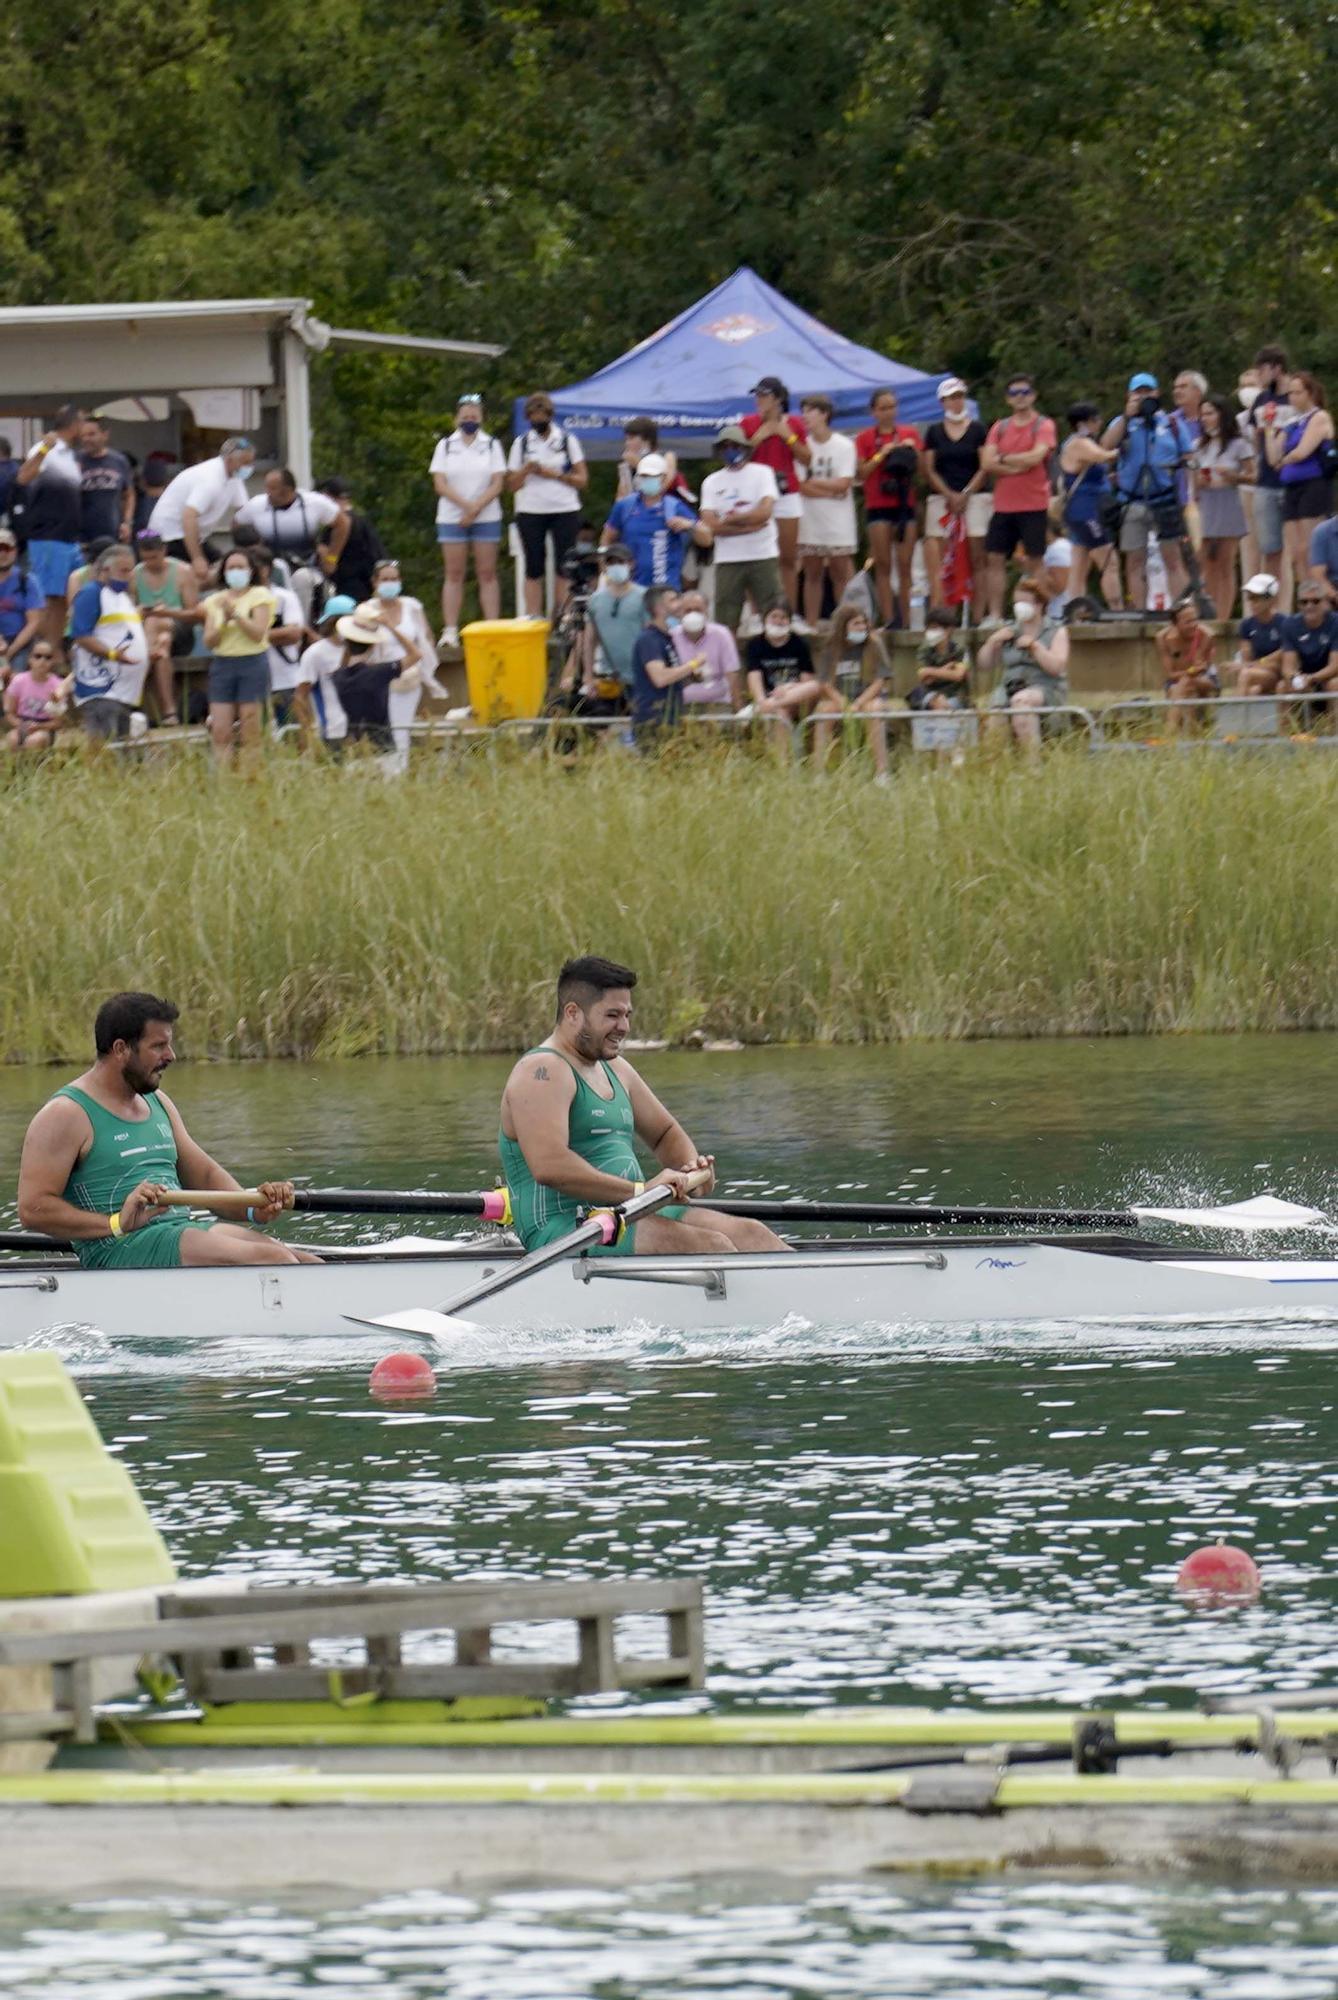 Campionat d'Espanya de rem olímpic a l'Estany de Banyoles